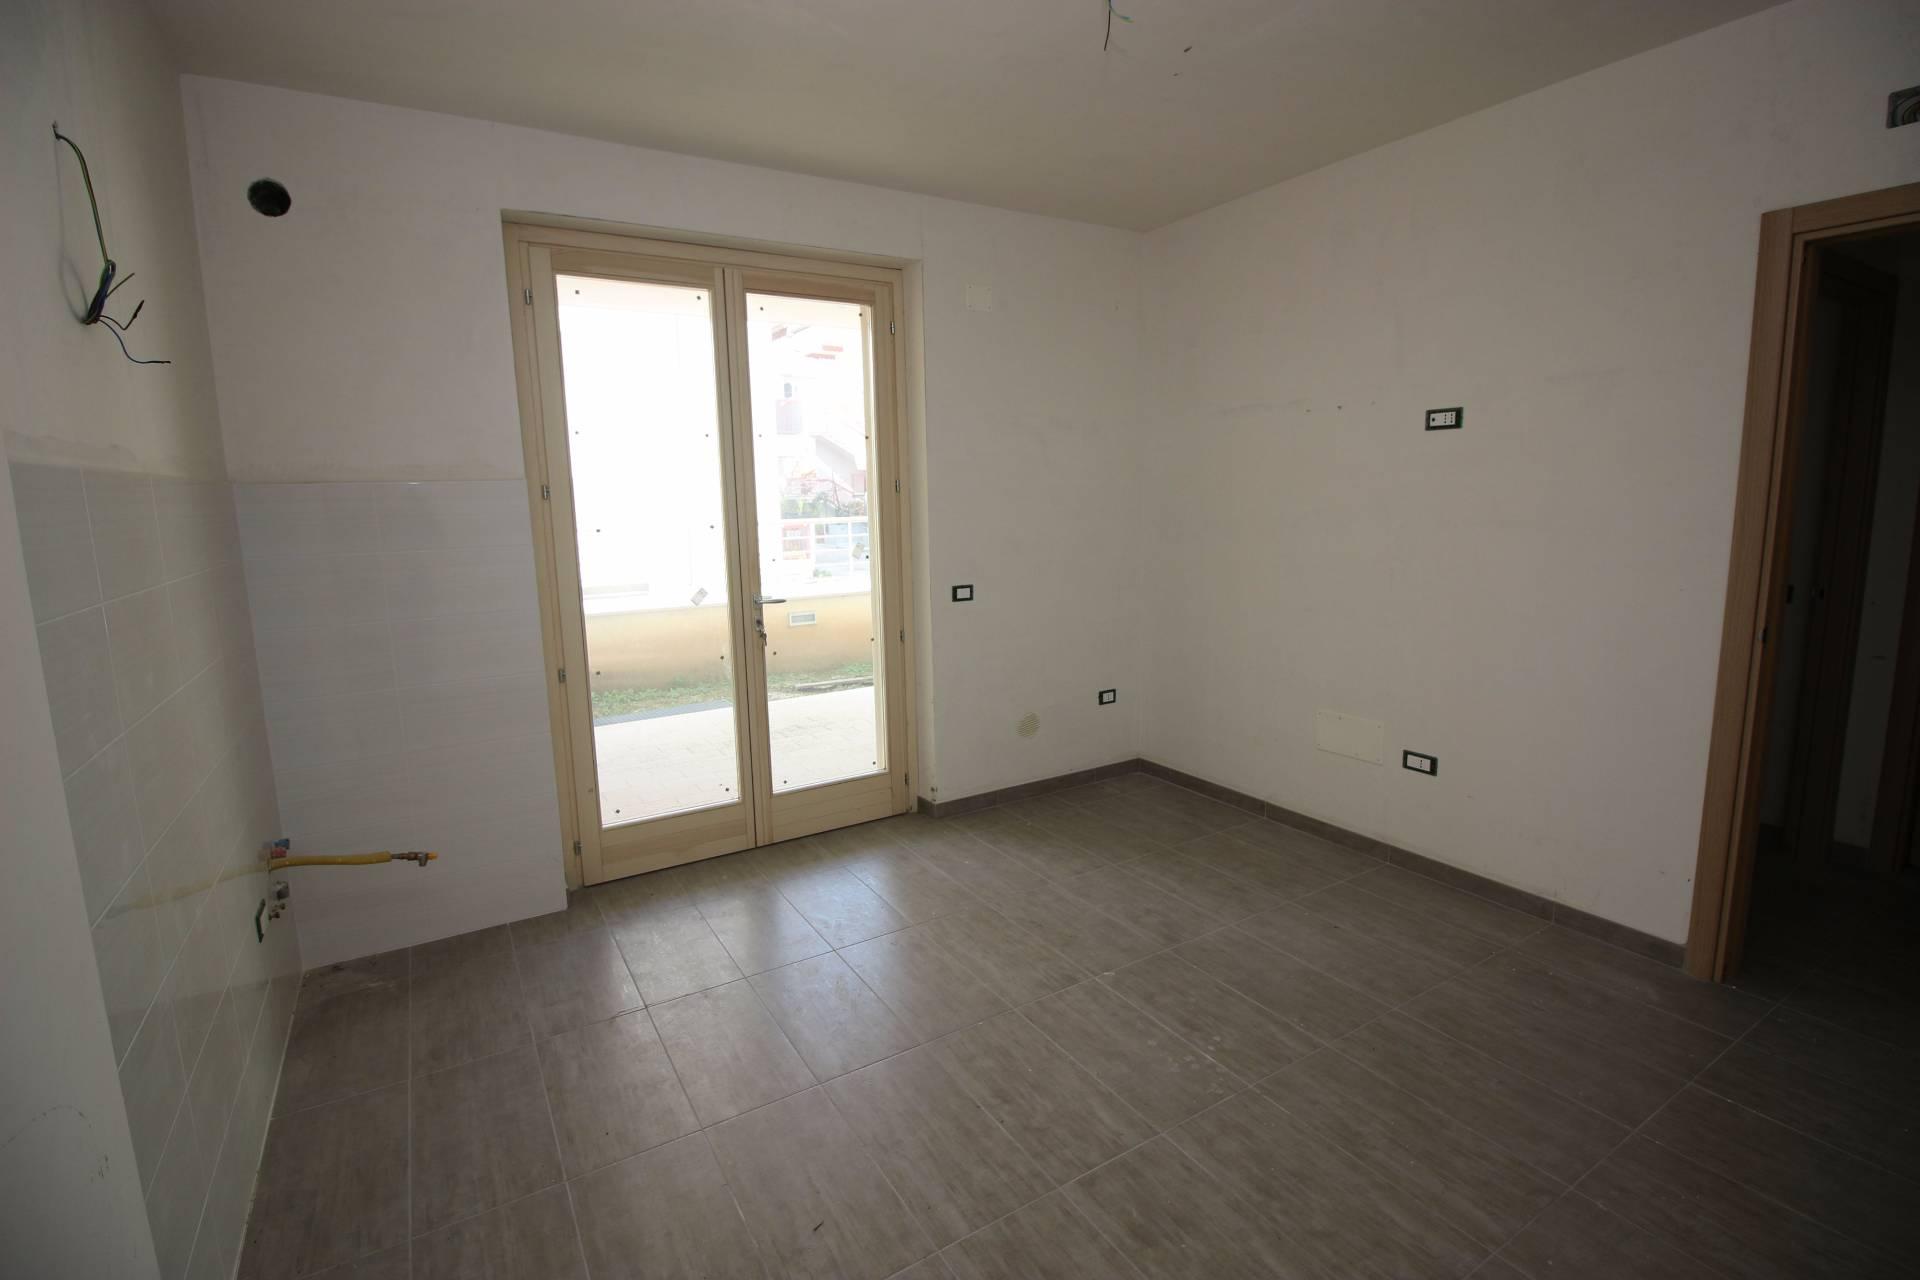 Appartamento in vendita a Alba Adriatica, 3 locali, zona Località: ZonaMare, prezzo € 105.000 | CambioCasa.it